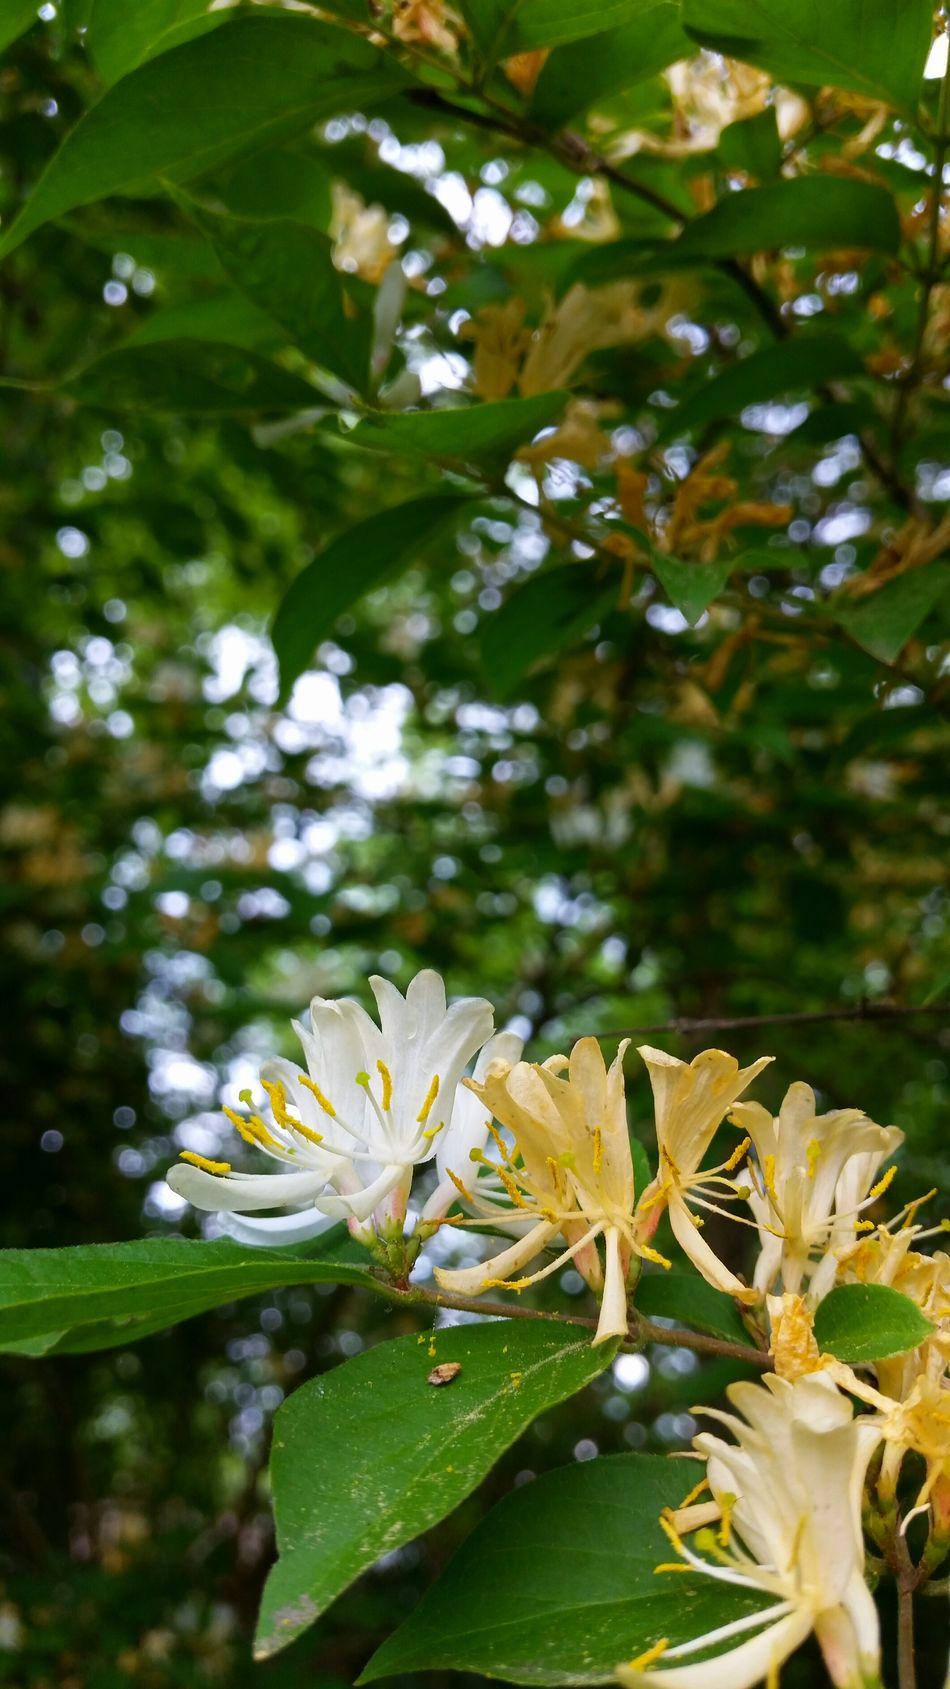 Japanese Honeysuckle Honeysuckle Ohio, USA